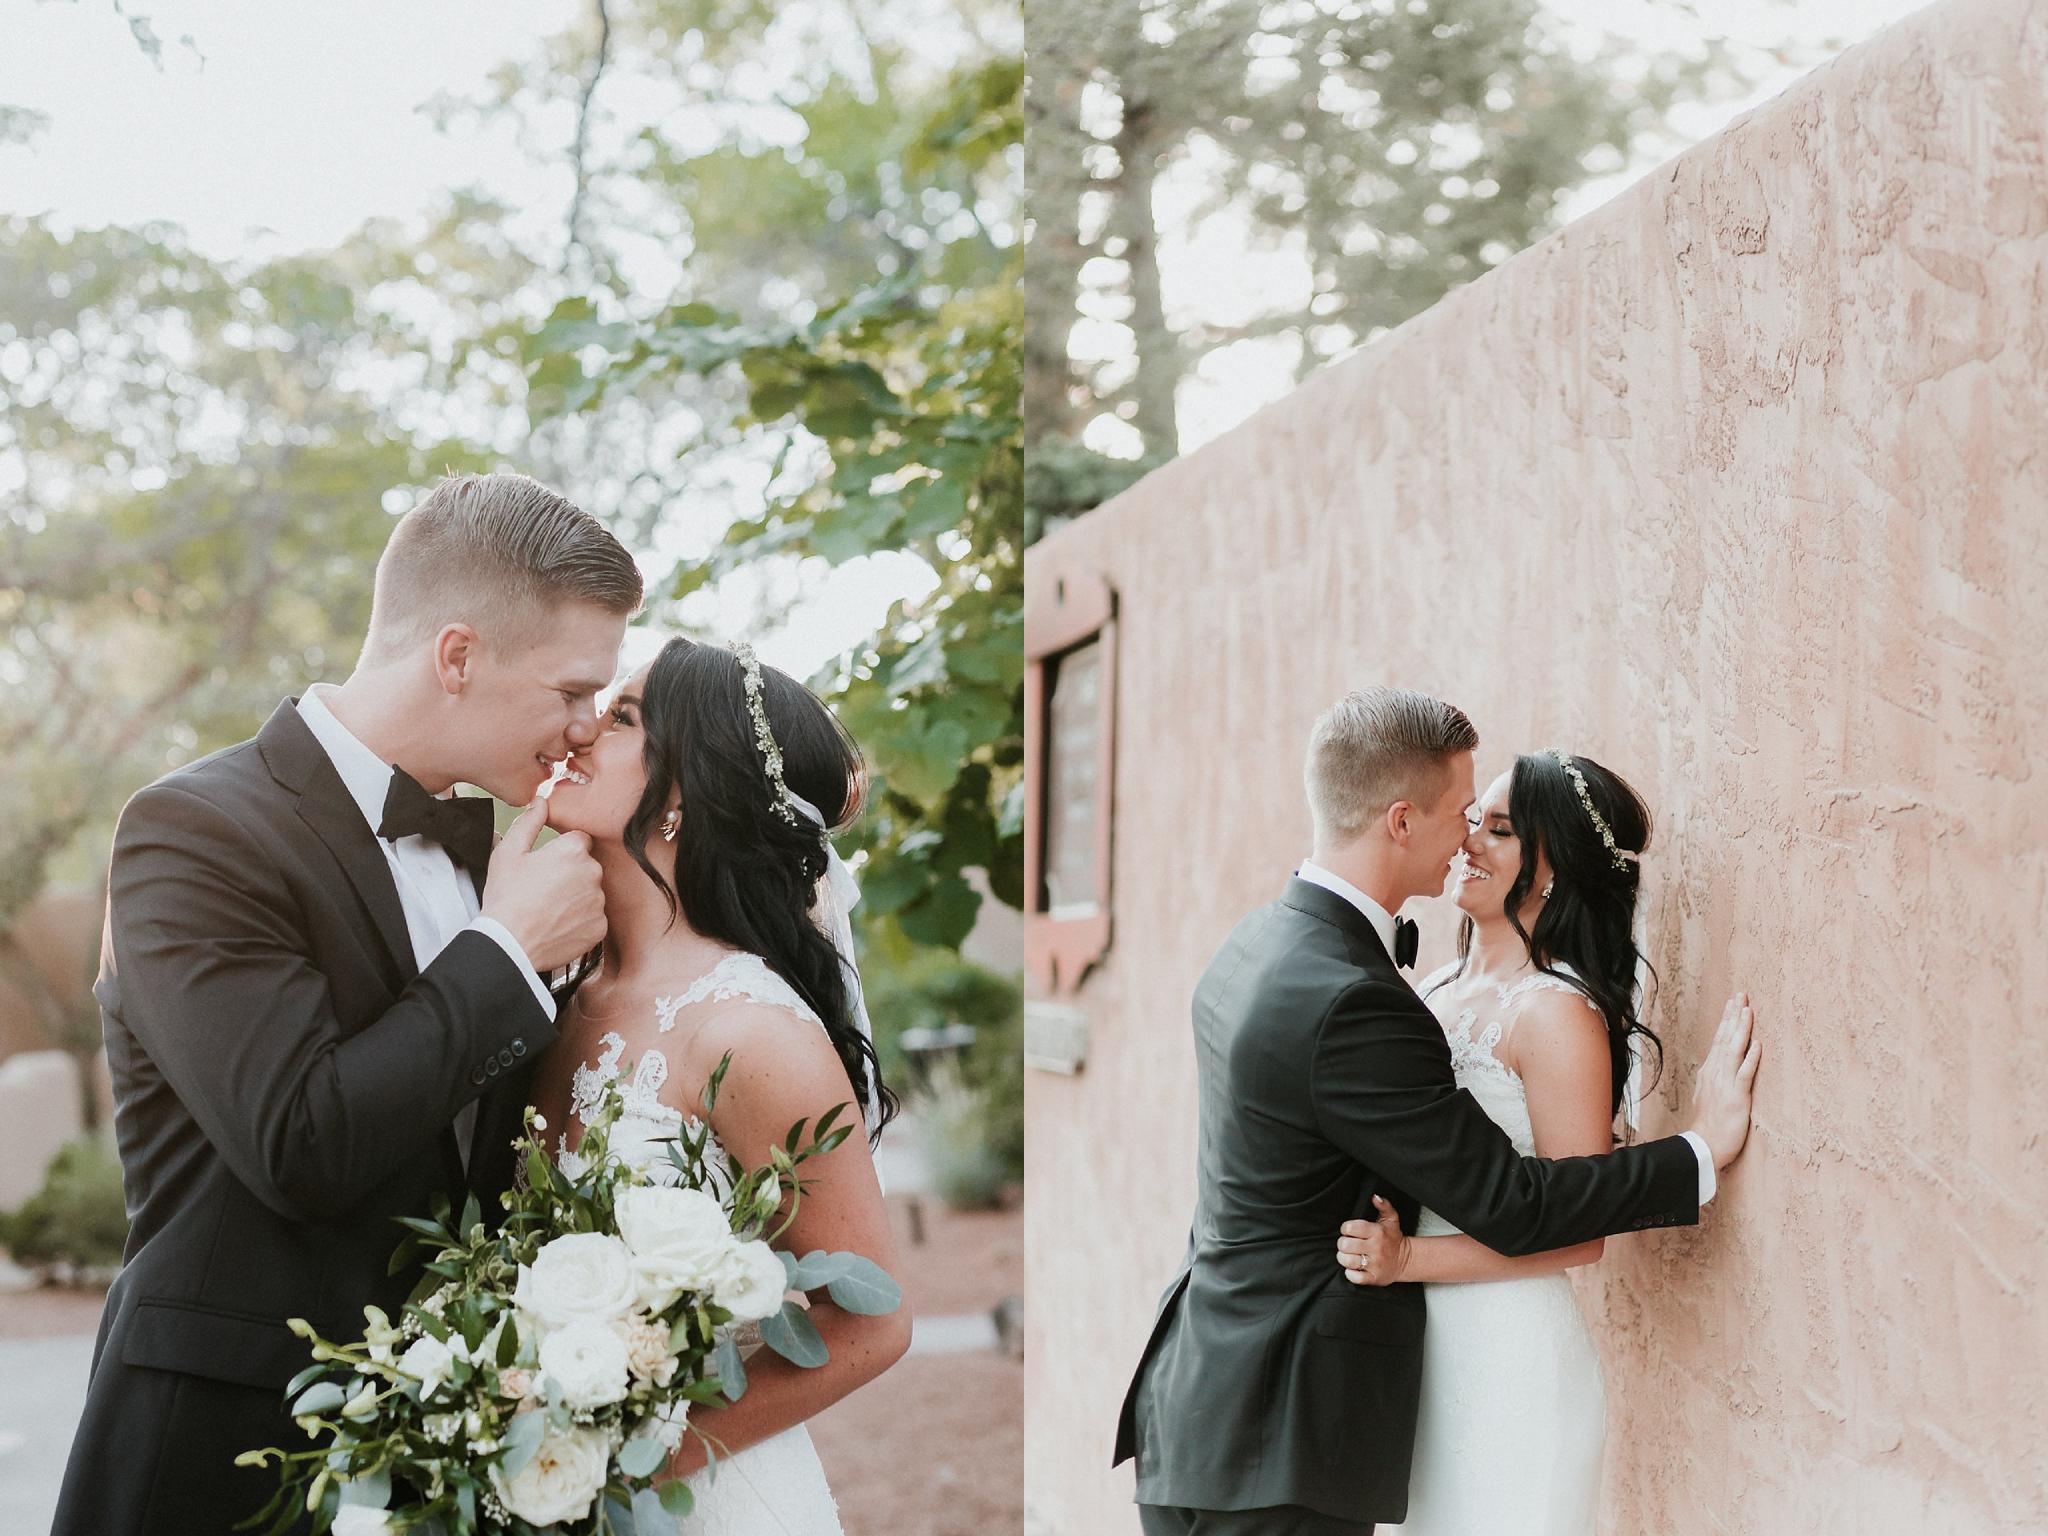 Alicia+lucia+photography+-+albuquerque+wedding+photographer+-+santa+fe+wedding+photography+-+new+mexico+wedding+photographer+-+new+mexico+wedding+-+albuquerque+wedding+-+santa+fe+wedding+-+wedding+romantics_0034.jpg